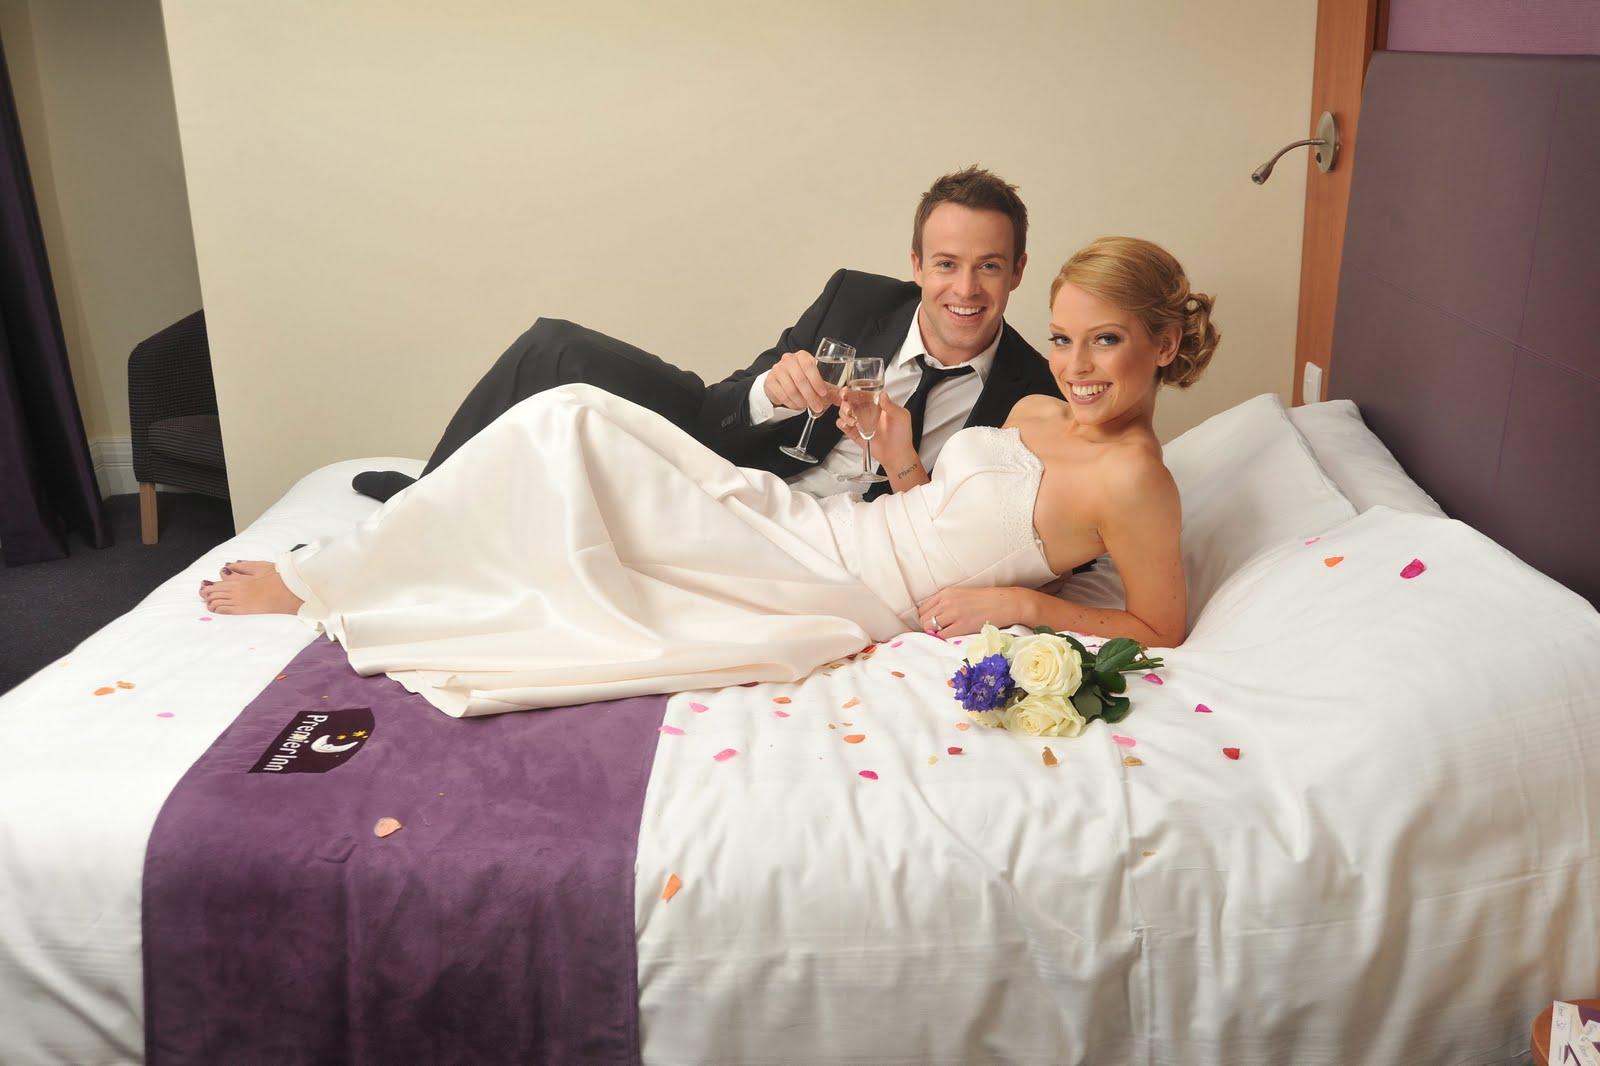 Смотреть онлайн брачный ночь, Отличный фильм! Первая брачная ночь 2 фотография